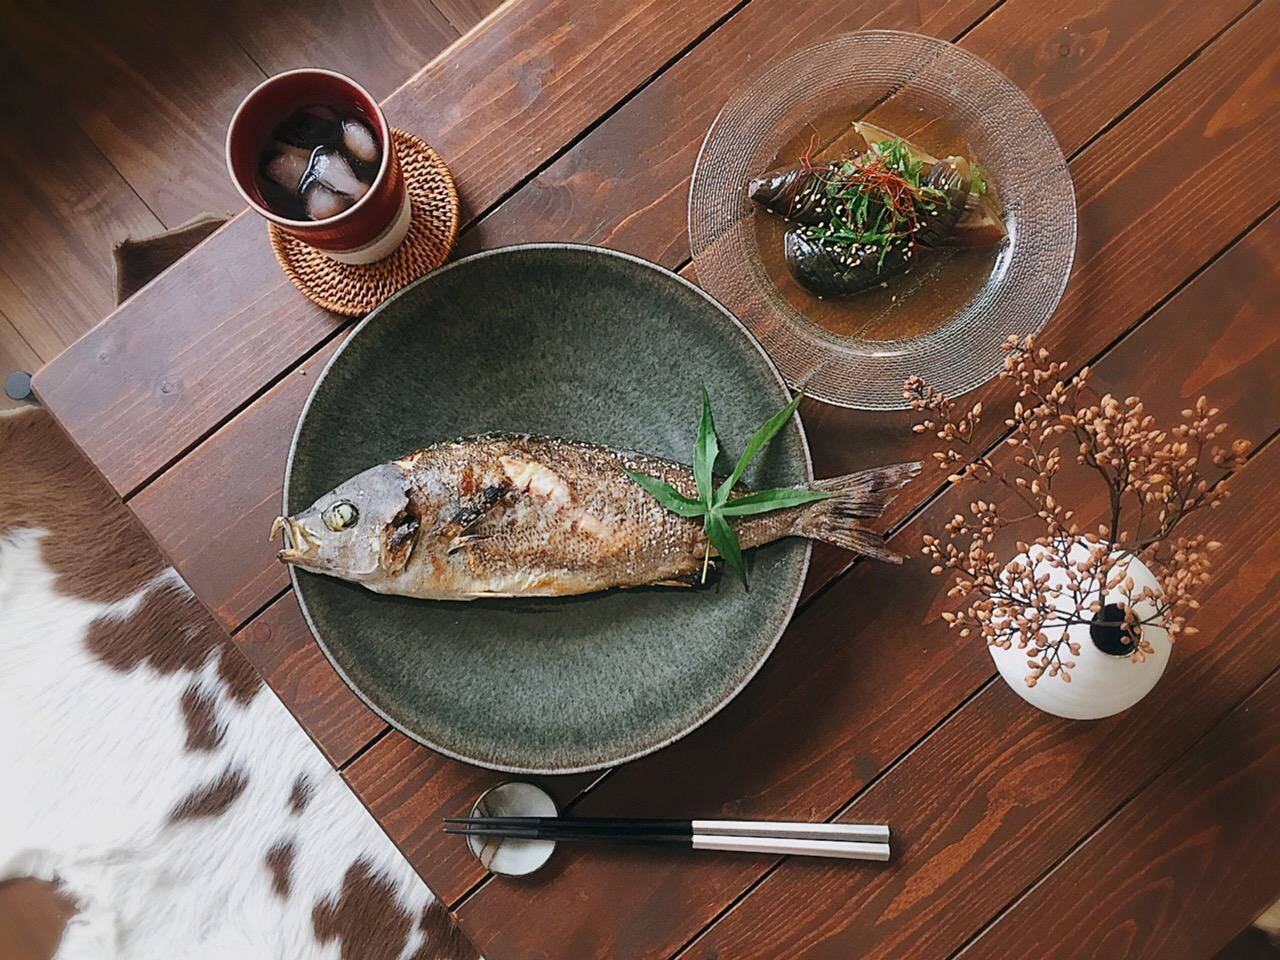 旬のイサキは旨みたっぷり!刺身・白子の楽しみ方&絶品レシピ7選